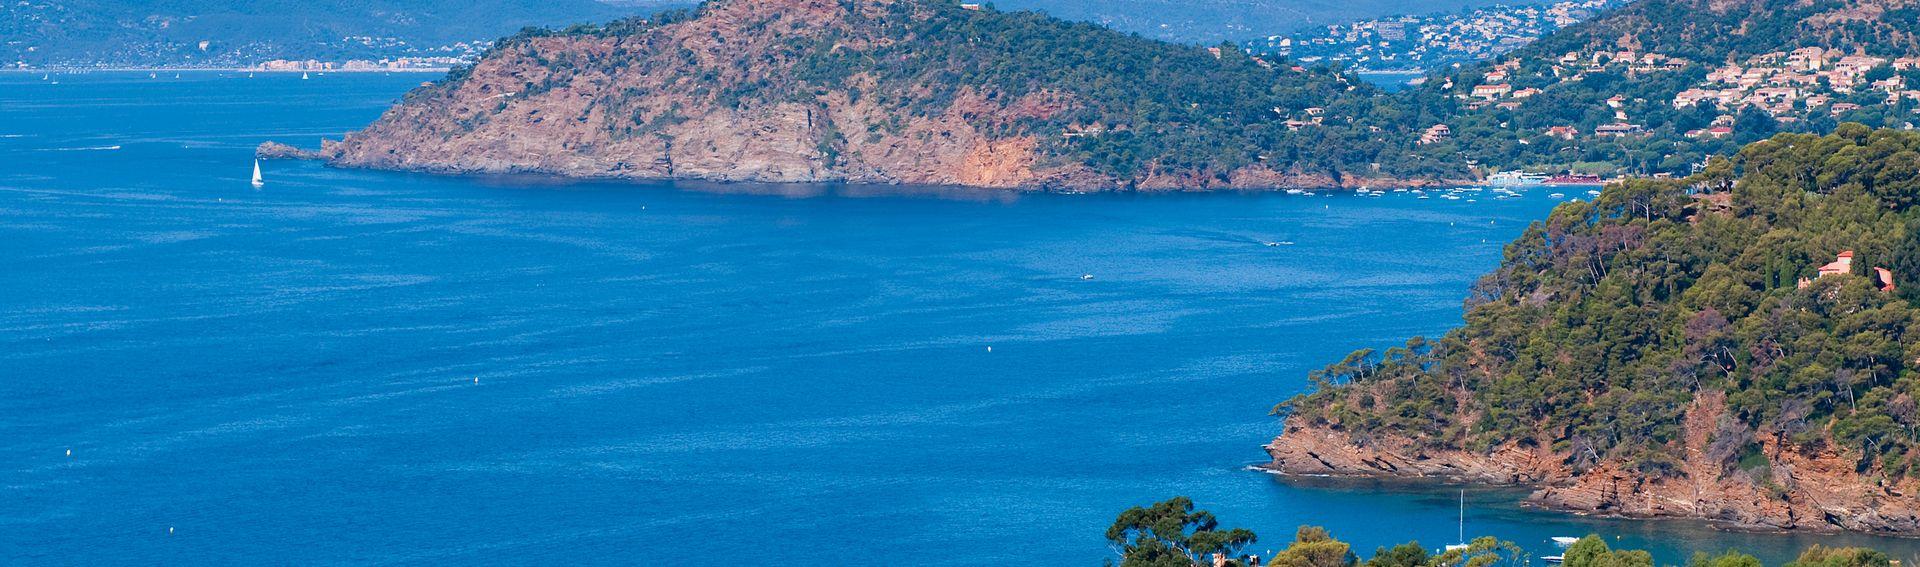 Presqu'île de Giens (Côte d'Azur - Midi de la France)